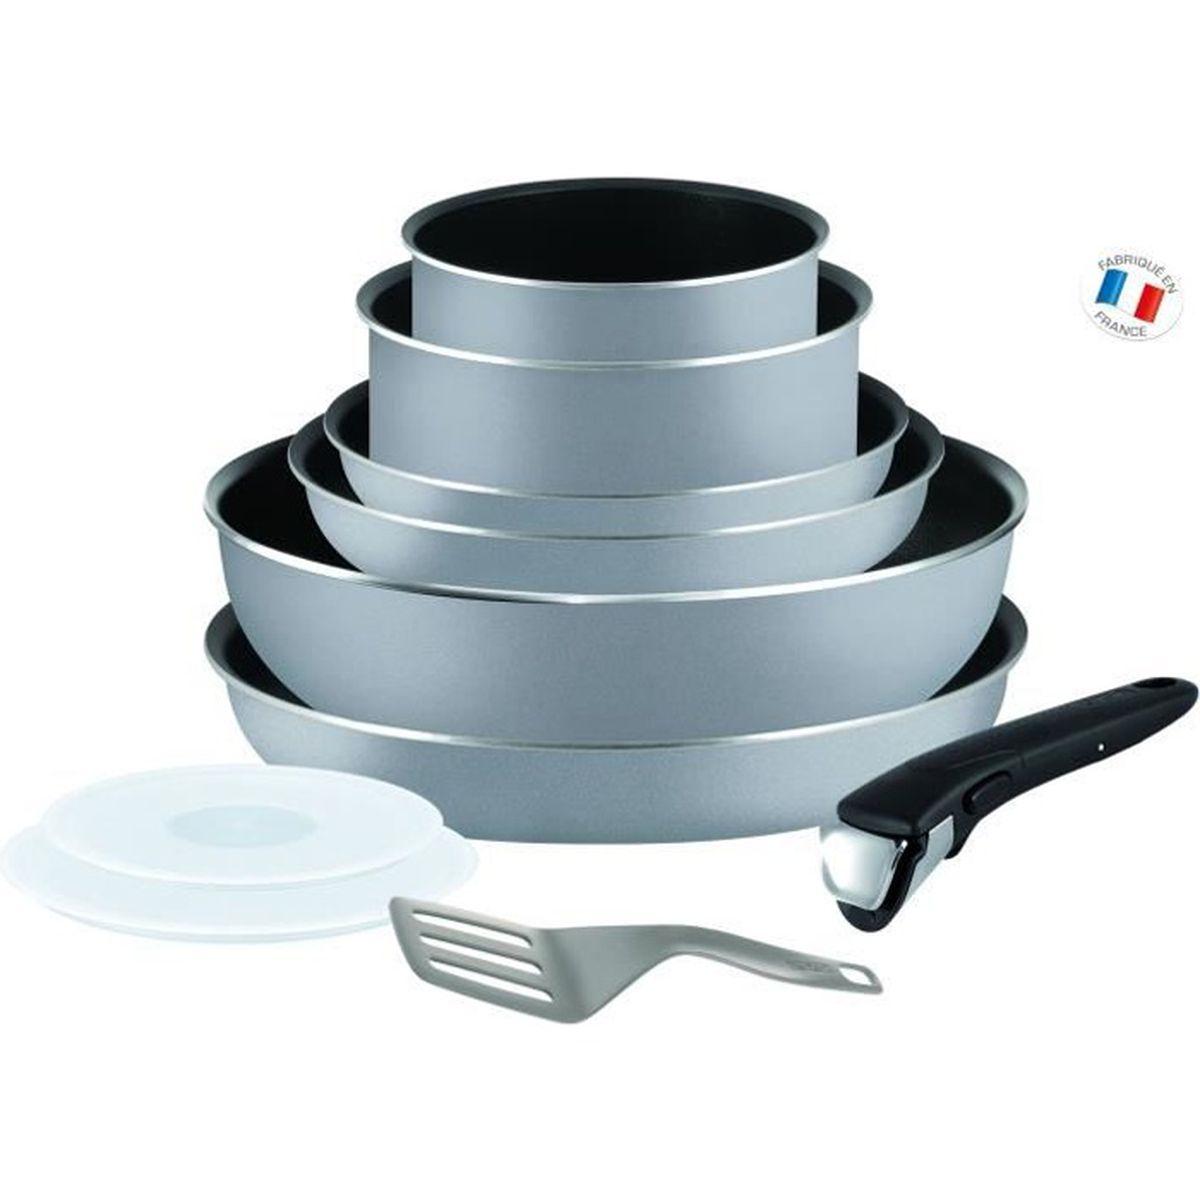 BATTERIE DE CUISINE TEFAL INGENIO ESSENTIAL Batterie de cuisine 10 piè